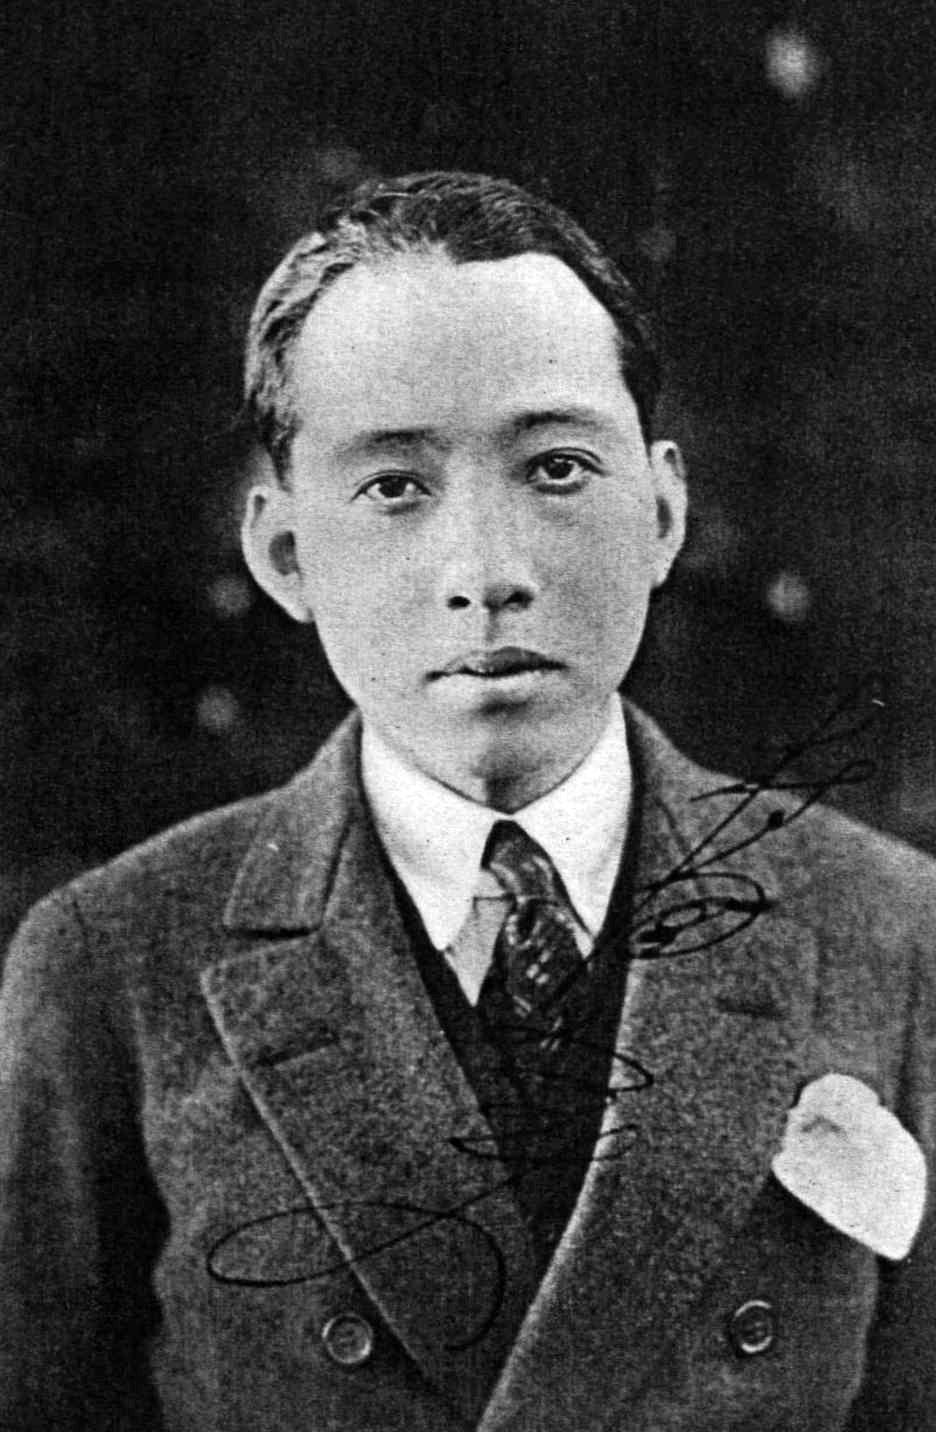 村田実 - Wikipedia